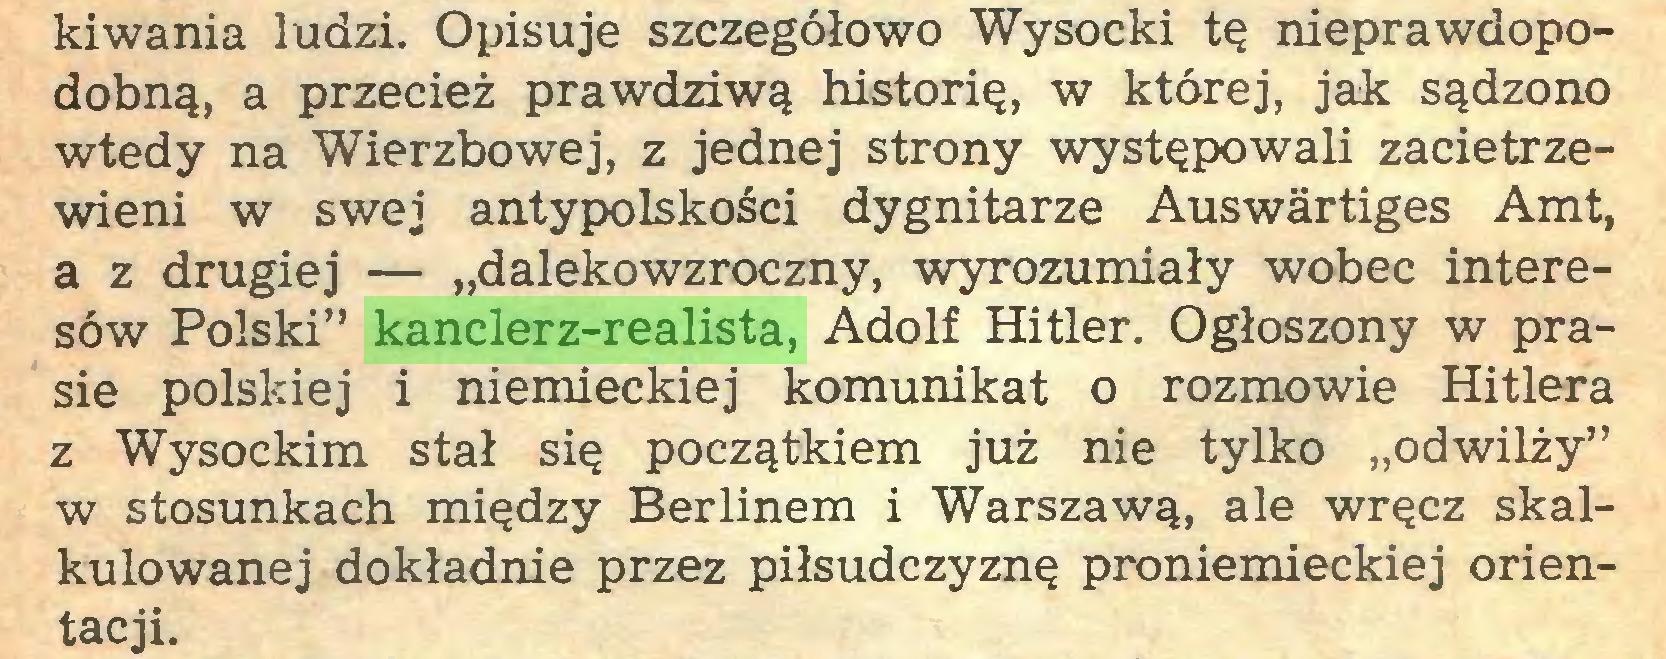 """(...) kiwania ludzi. Opisuje szczegółowo Wysocki tę nieprawdopodobną, a przecież prawdziwą historię, w której, jak sądzono wtedy na Wierzbowej, z jednej strony występowali zacietrzewieni w swej antypolskości dygnitarze Auswärtiges Amt, a z drugiej — """"dalekowzroczny, wyrozumiały wobec interesów Polski"""" kanclerz-realista, Adolf Hitler. Ogłoszony w prasie polskiej i niemieckiej komunikat o rozmowie Hitlera z Wysockim stał się początkiem już nie tylko """"odwilży"""" w stosunkach między Berlinem i Warszawą, ale wręcz skalkulowanej dokładnie przez piłsudczyznę proniemieckiej orientacji..."""